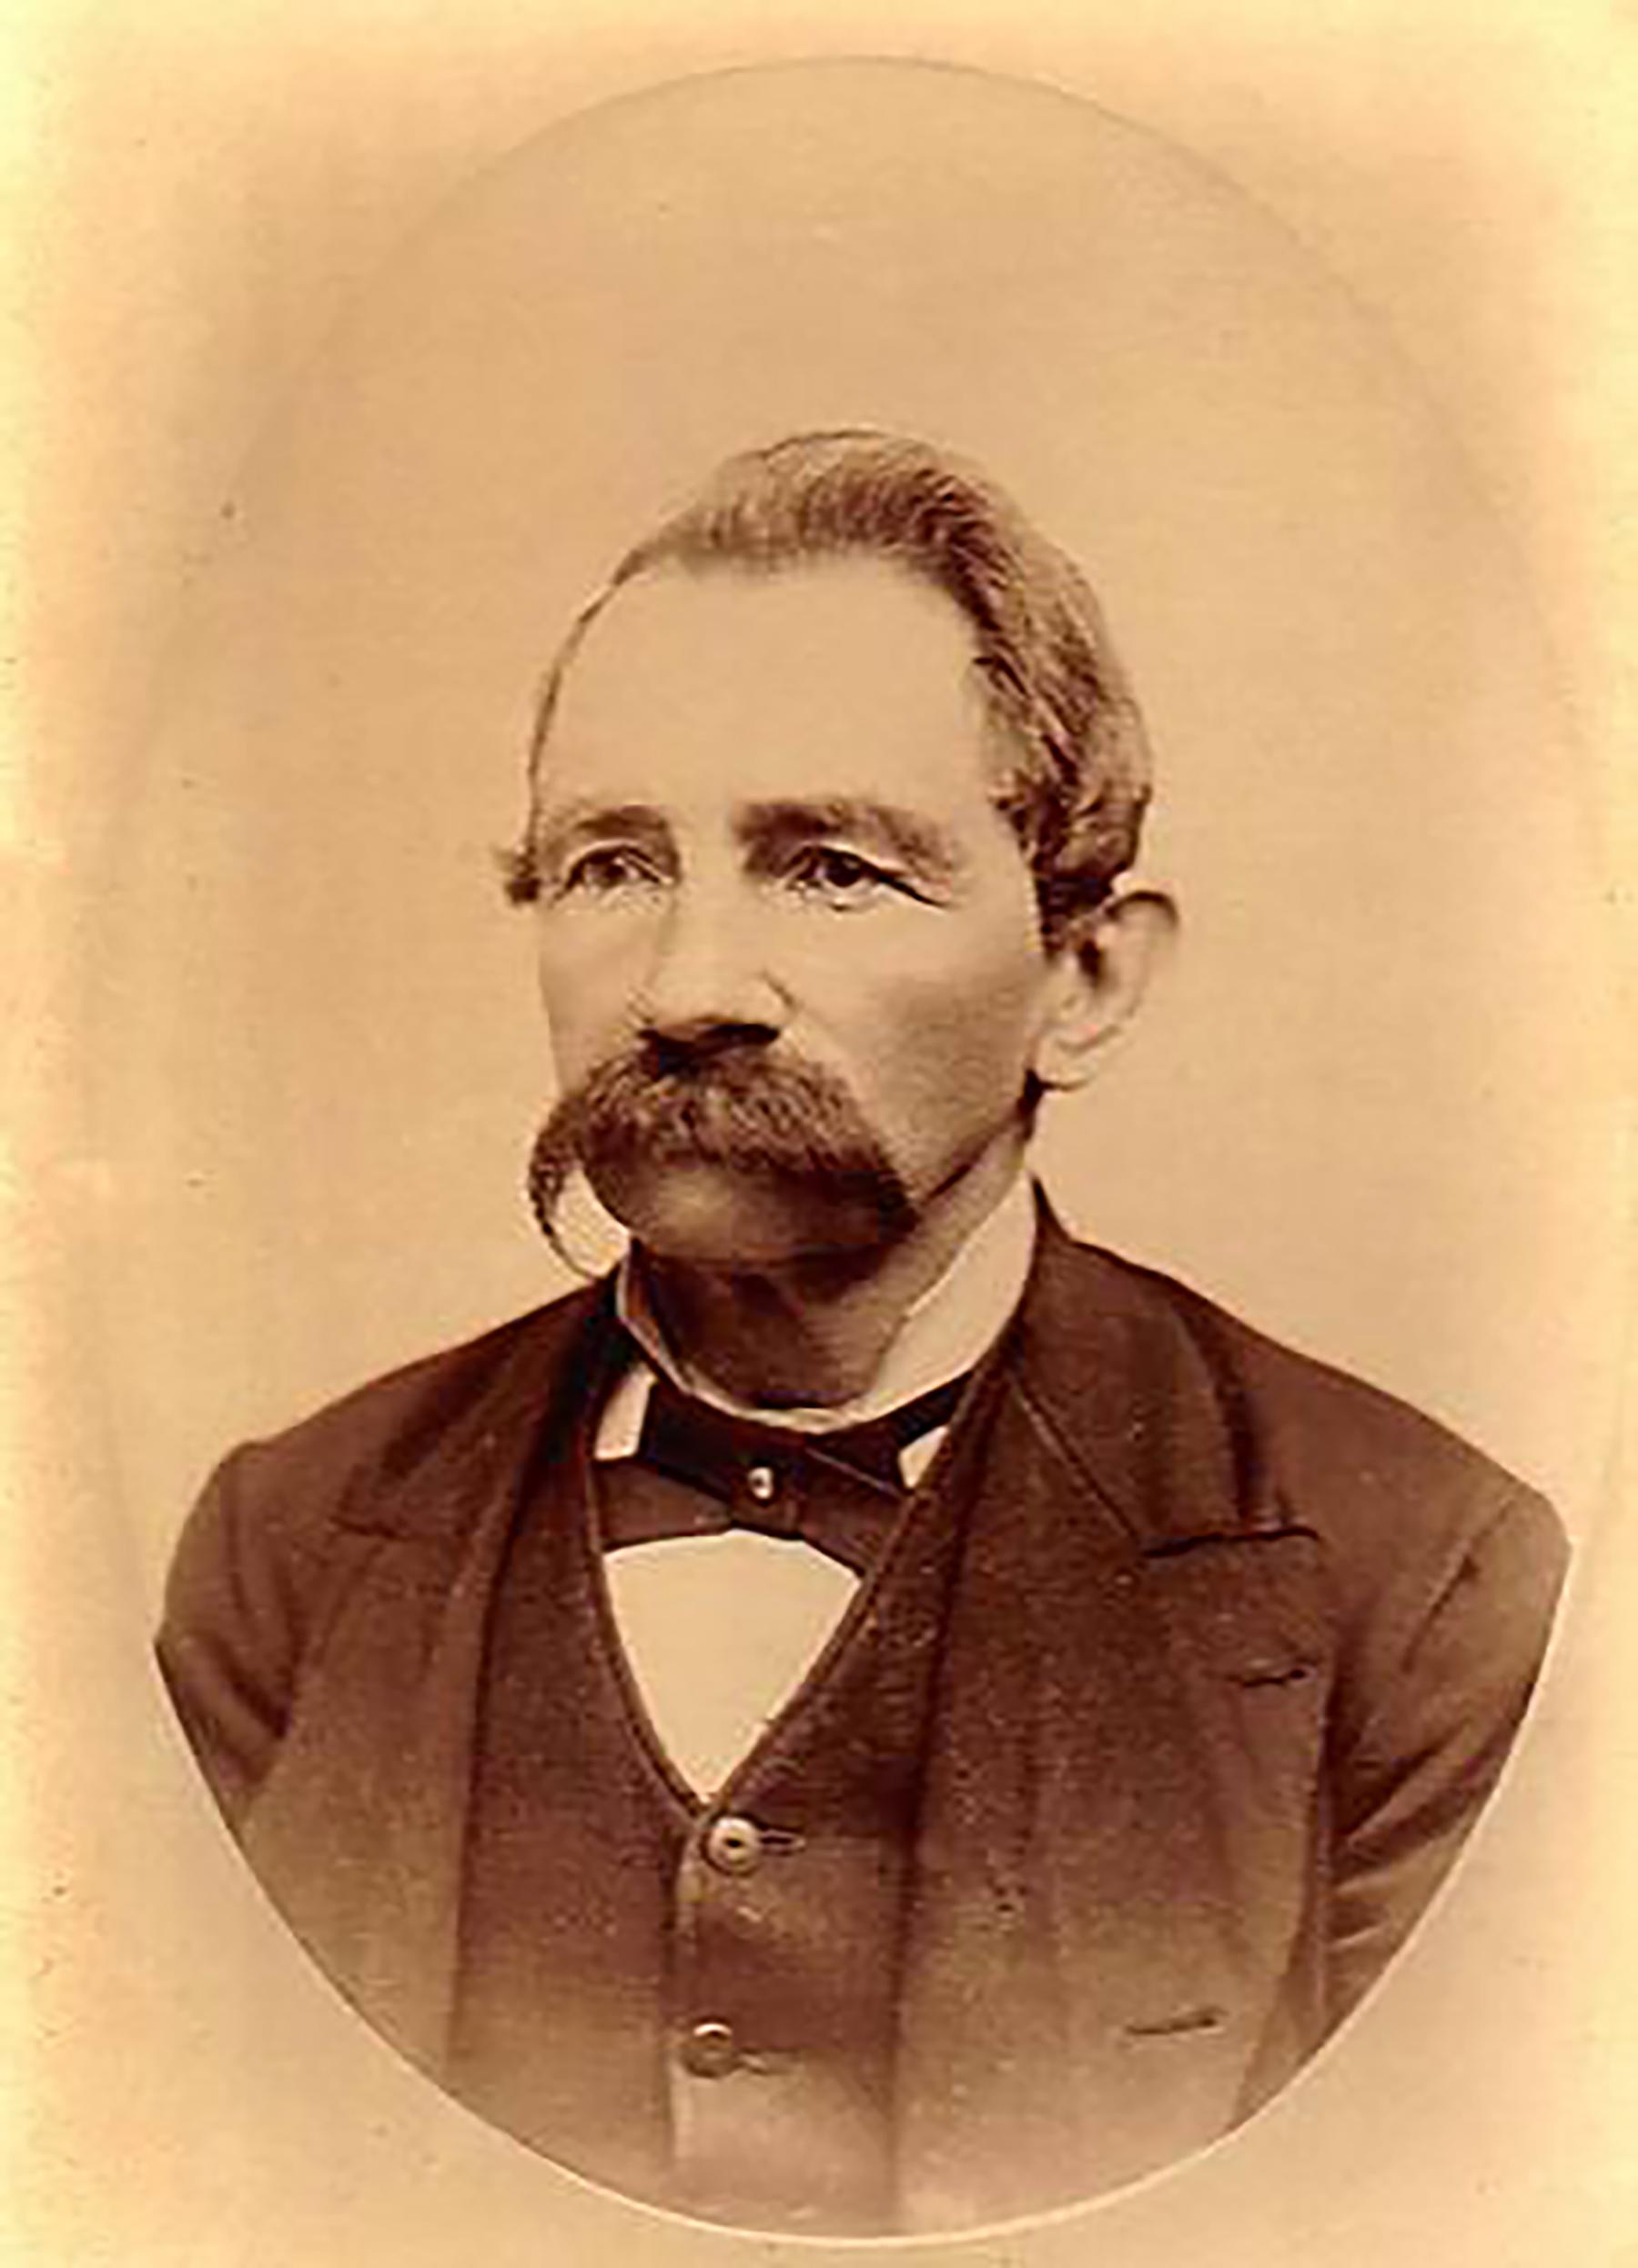 John Fredrick Langenbeck_1812-1902.jpg